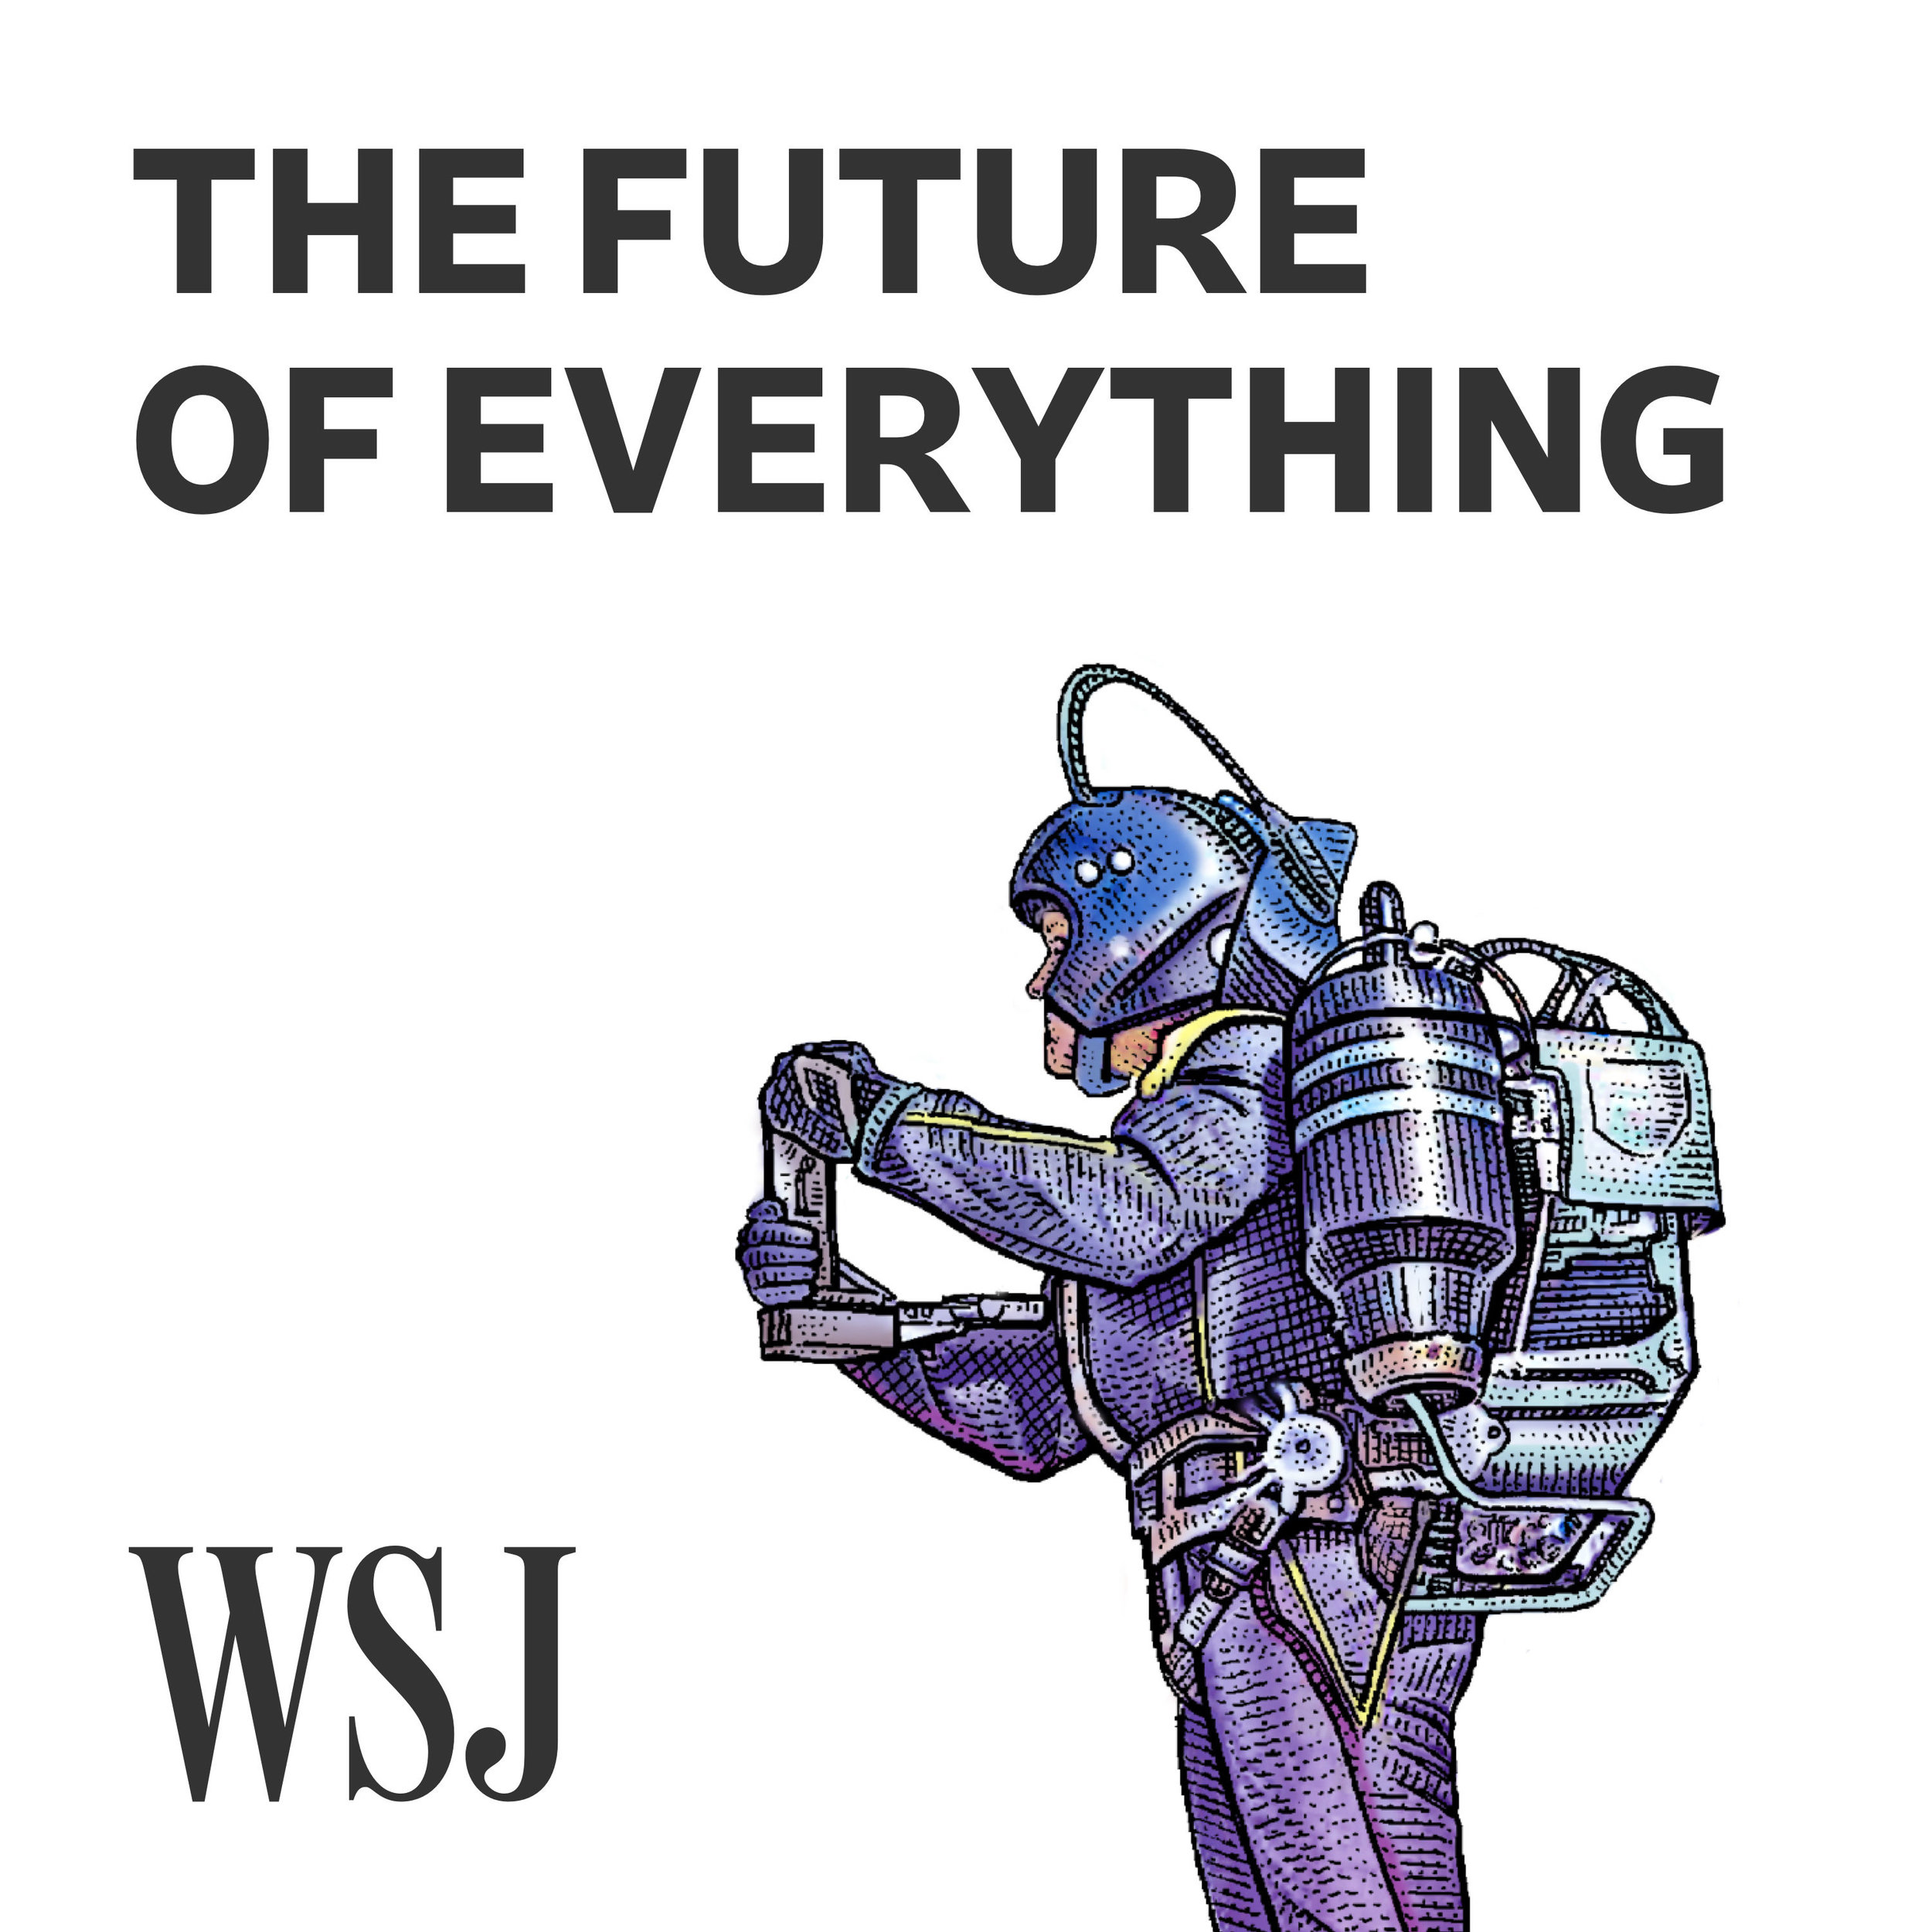 futureofeverything.jpeg